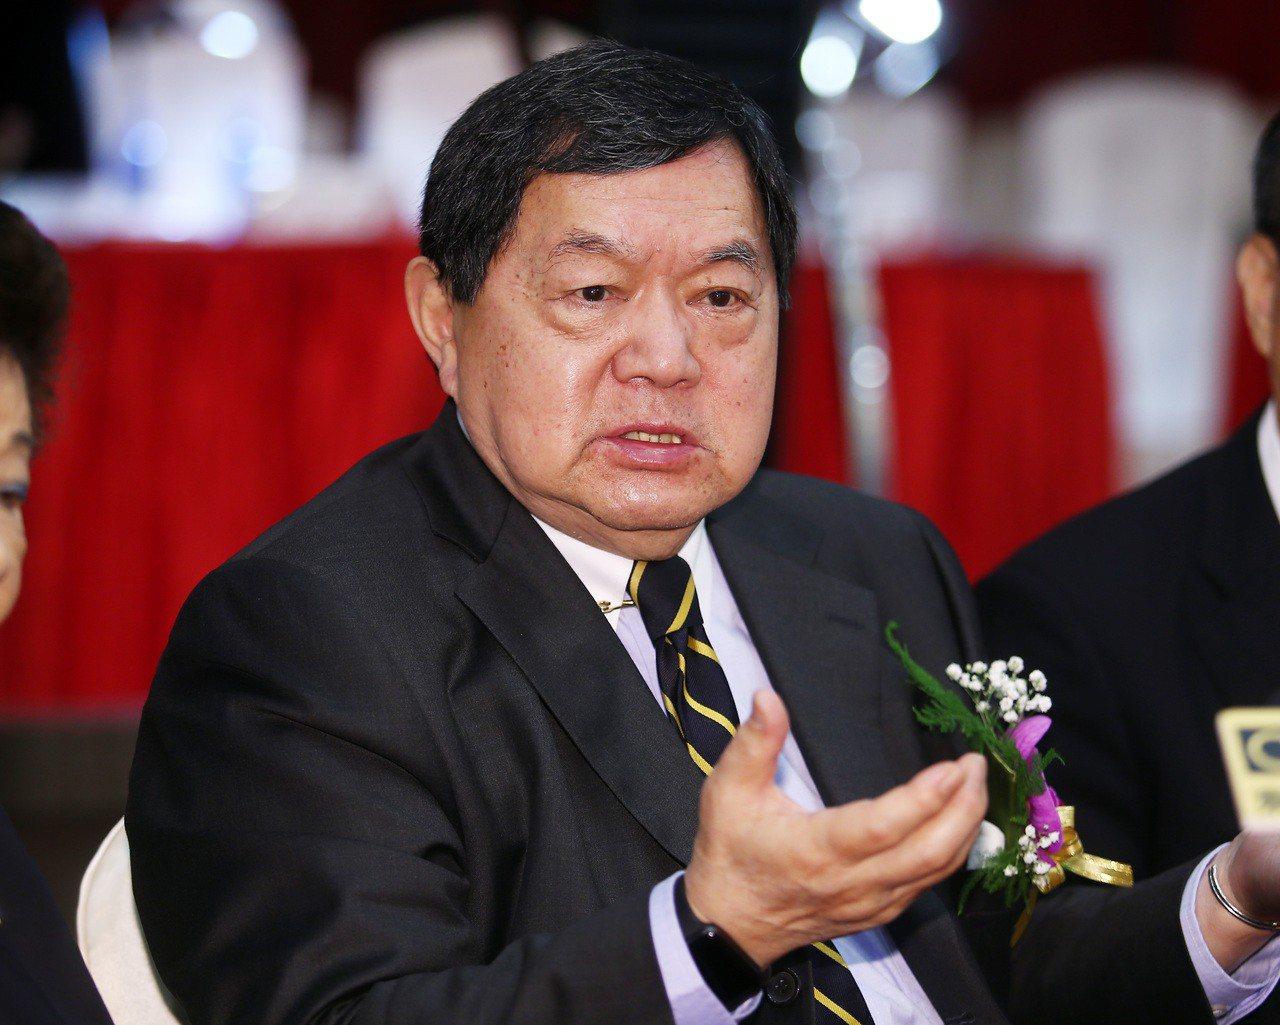 遠東集團董事長徐旭東認為中美貿易戰是政治問題。記者杜建重/攝影。